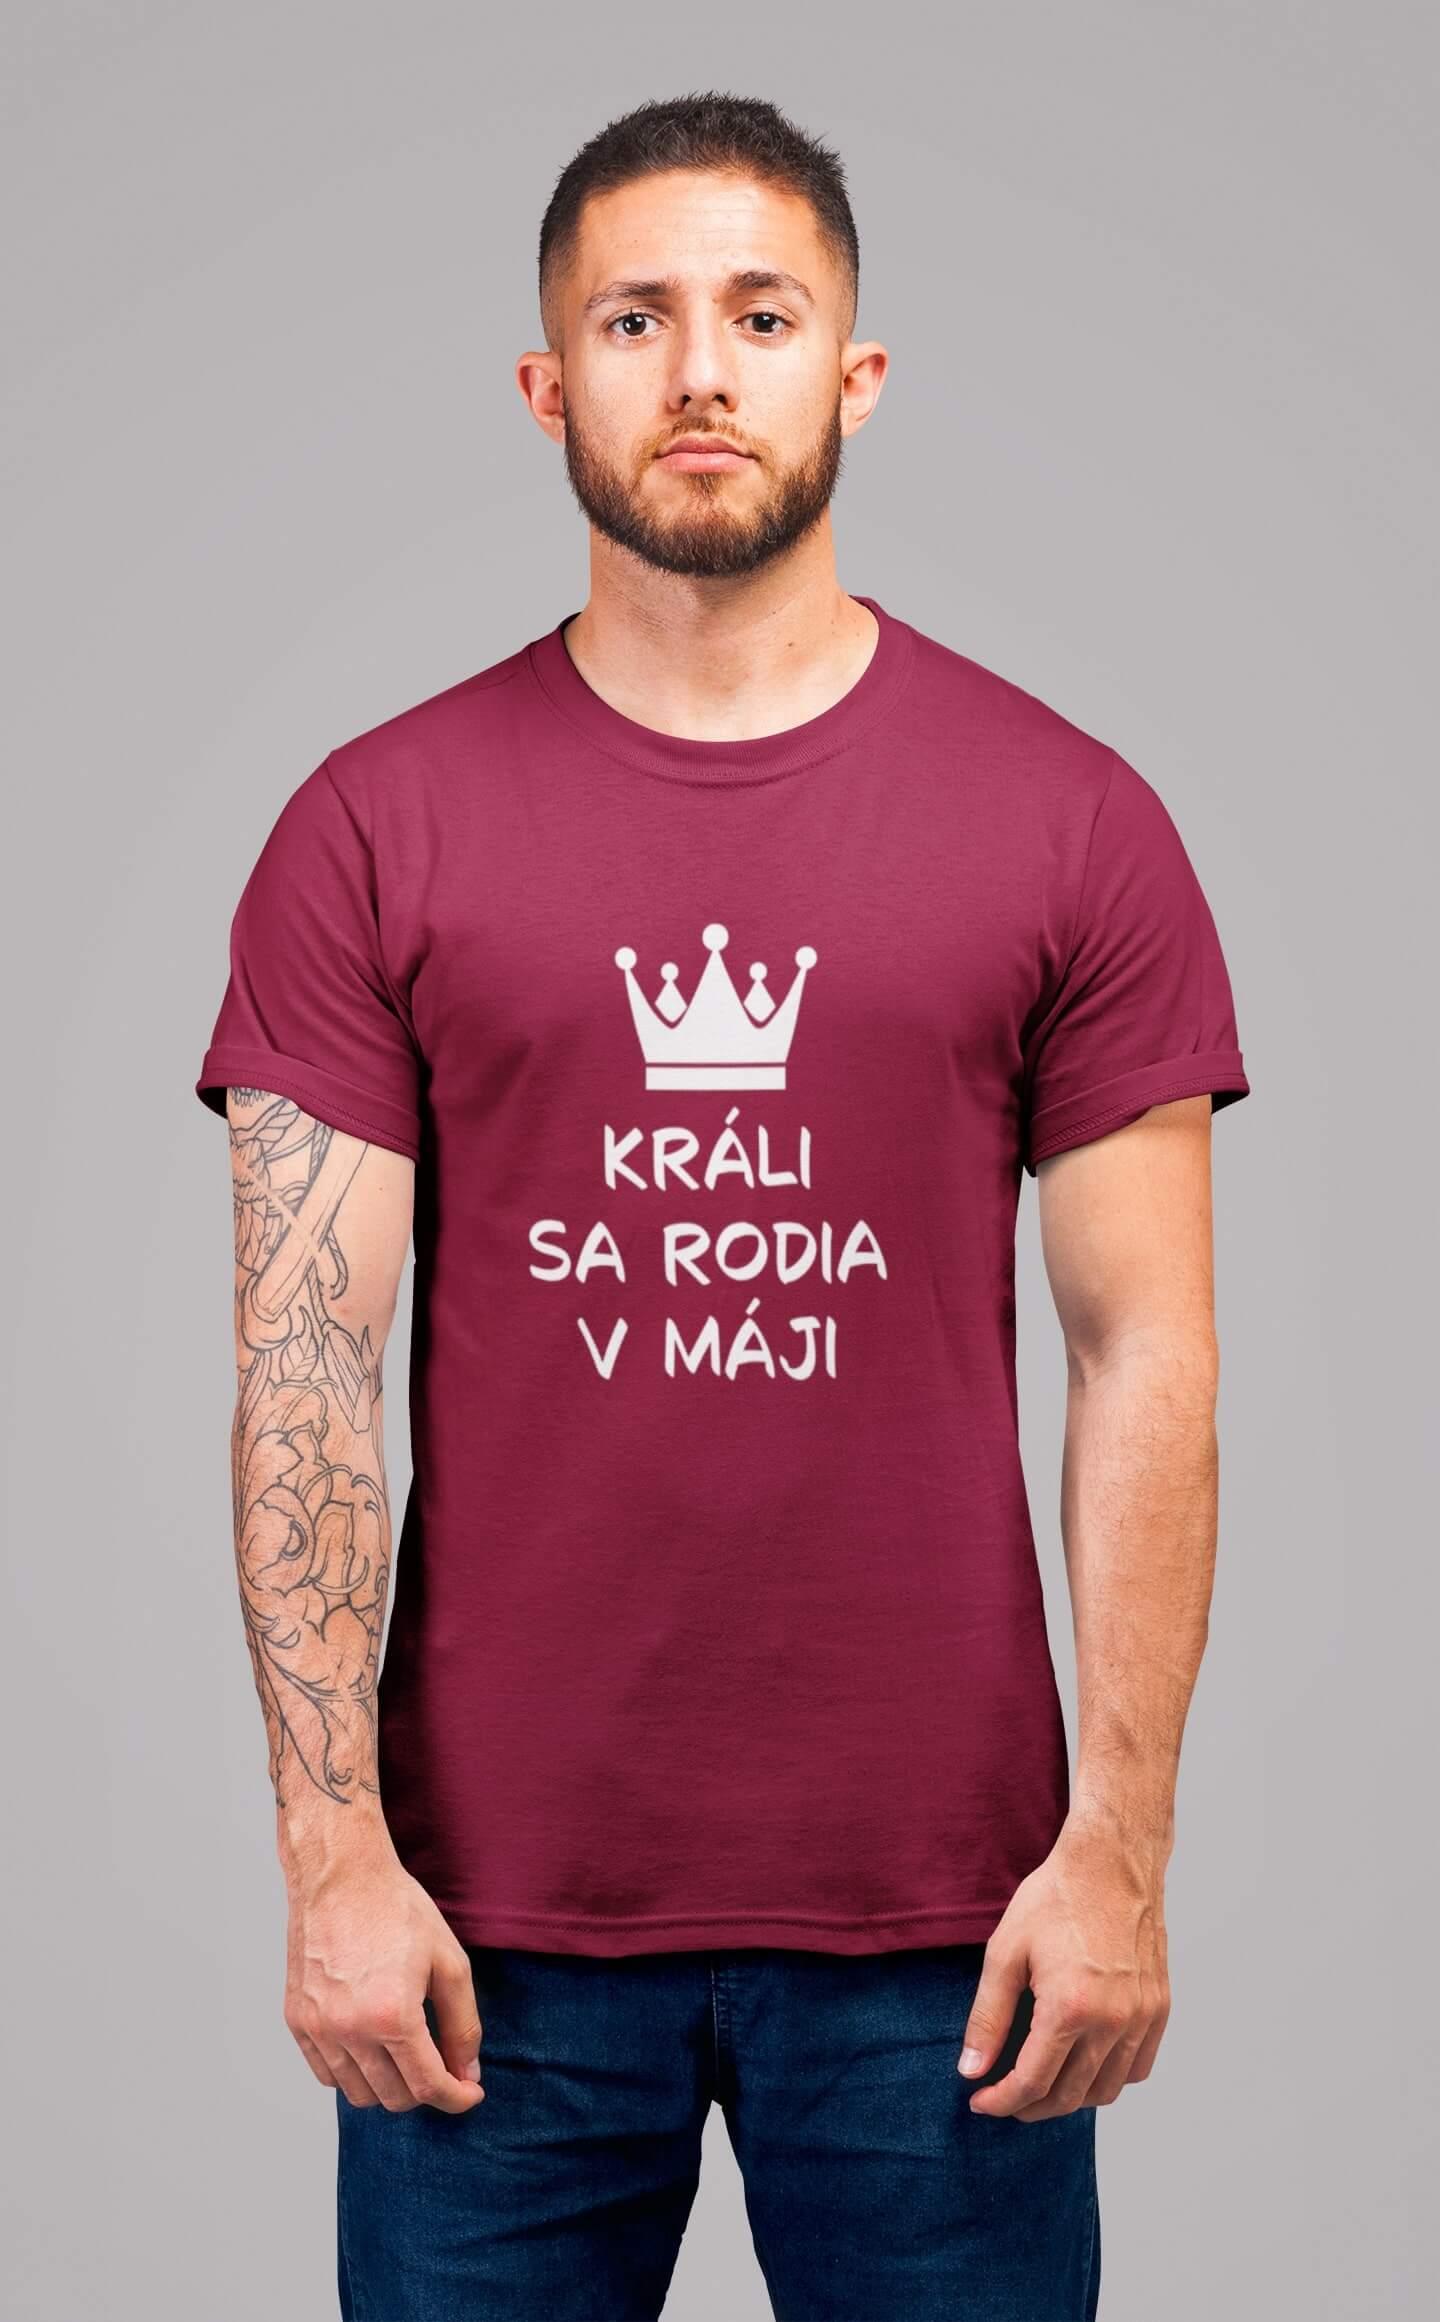 MMO Pánske tričko Králi sa rodia v máji Vyberte farbu: Marlboro červená, Vyberte veľkosť: M